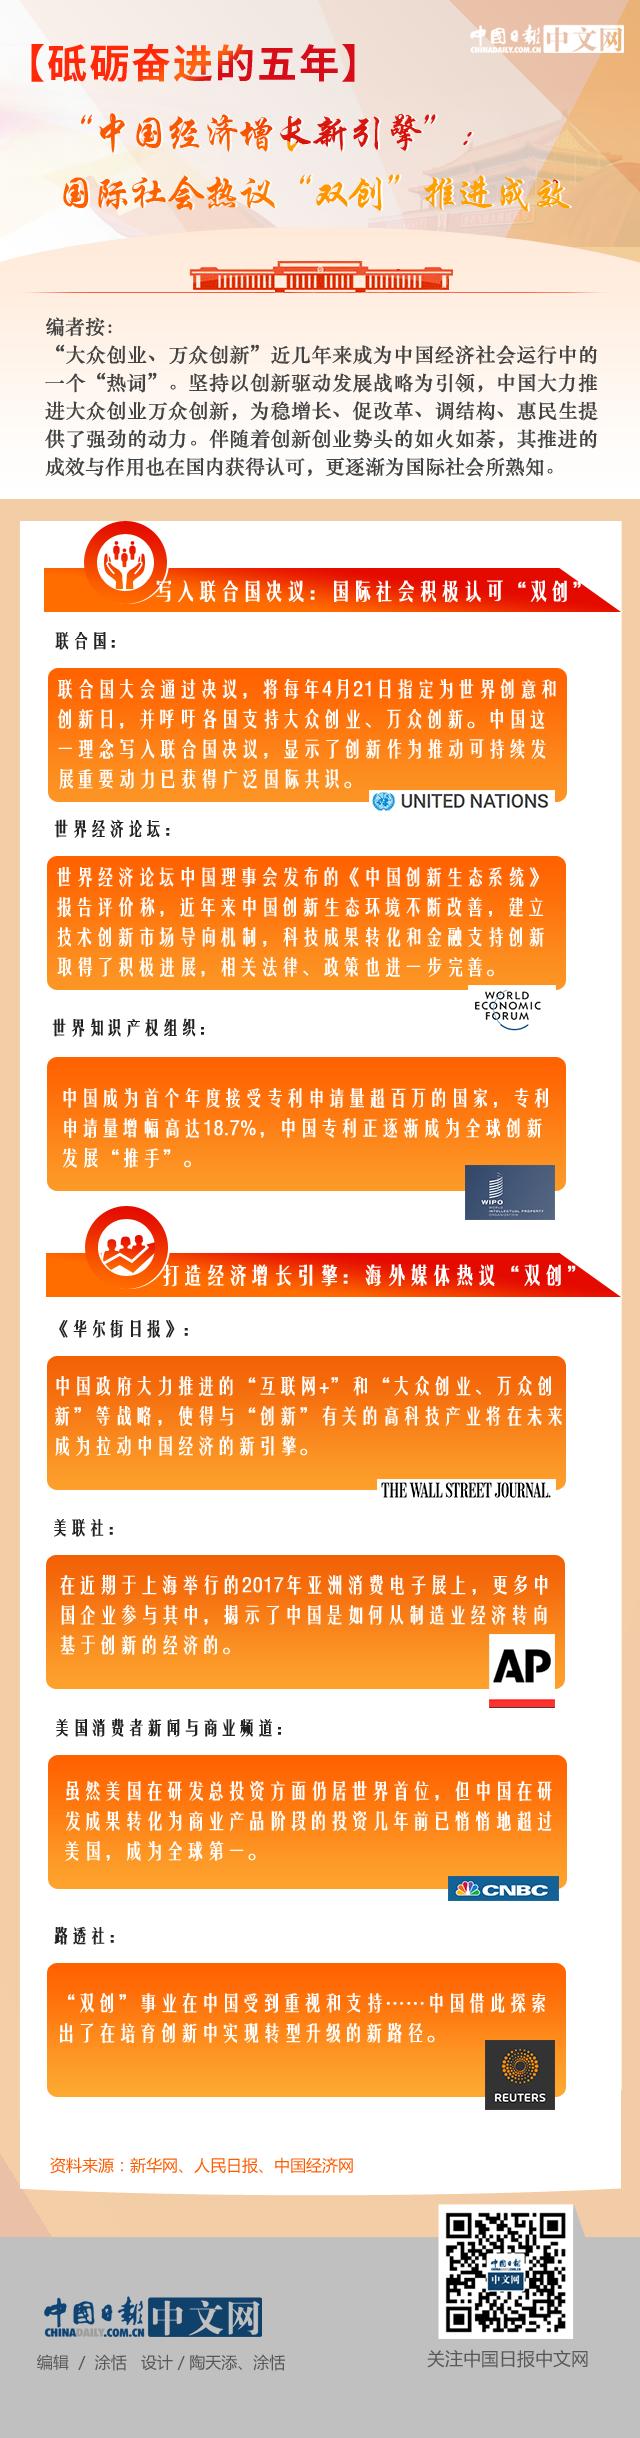 """【砥砺奋进的五年】""""中国经济增长新引擎"""":国际社会热议""""双创""""推进成效"""